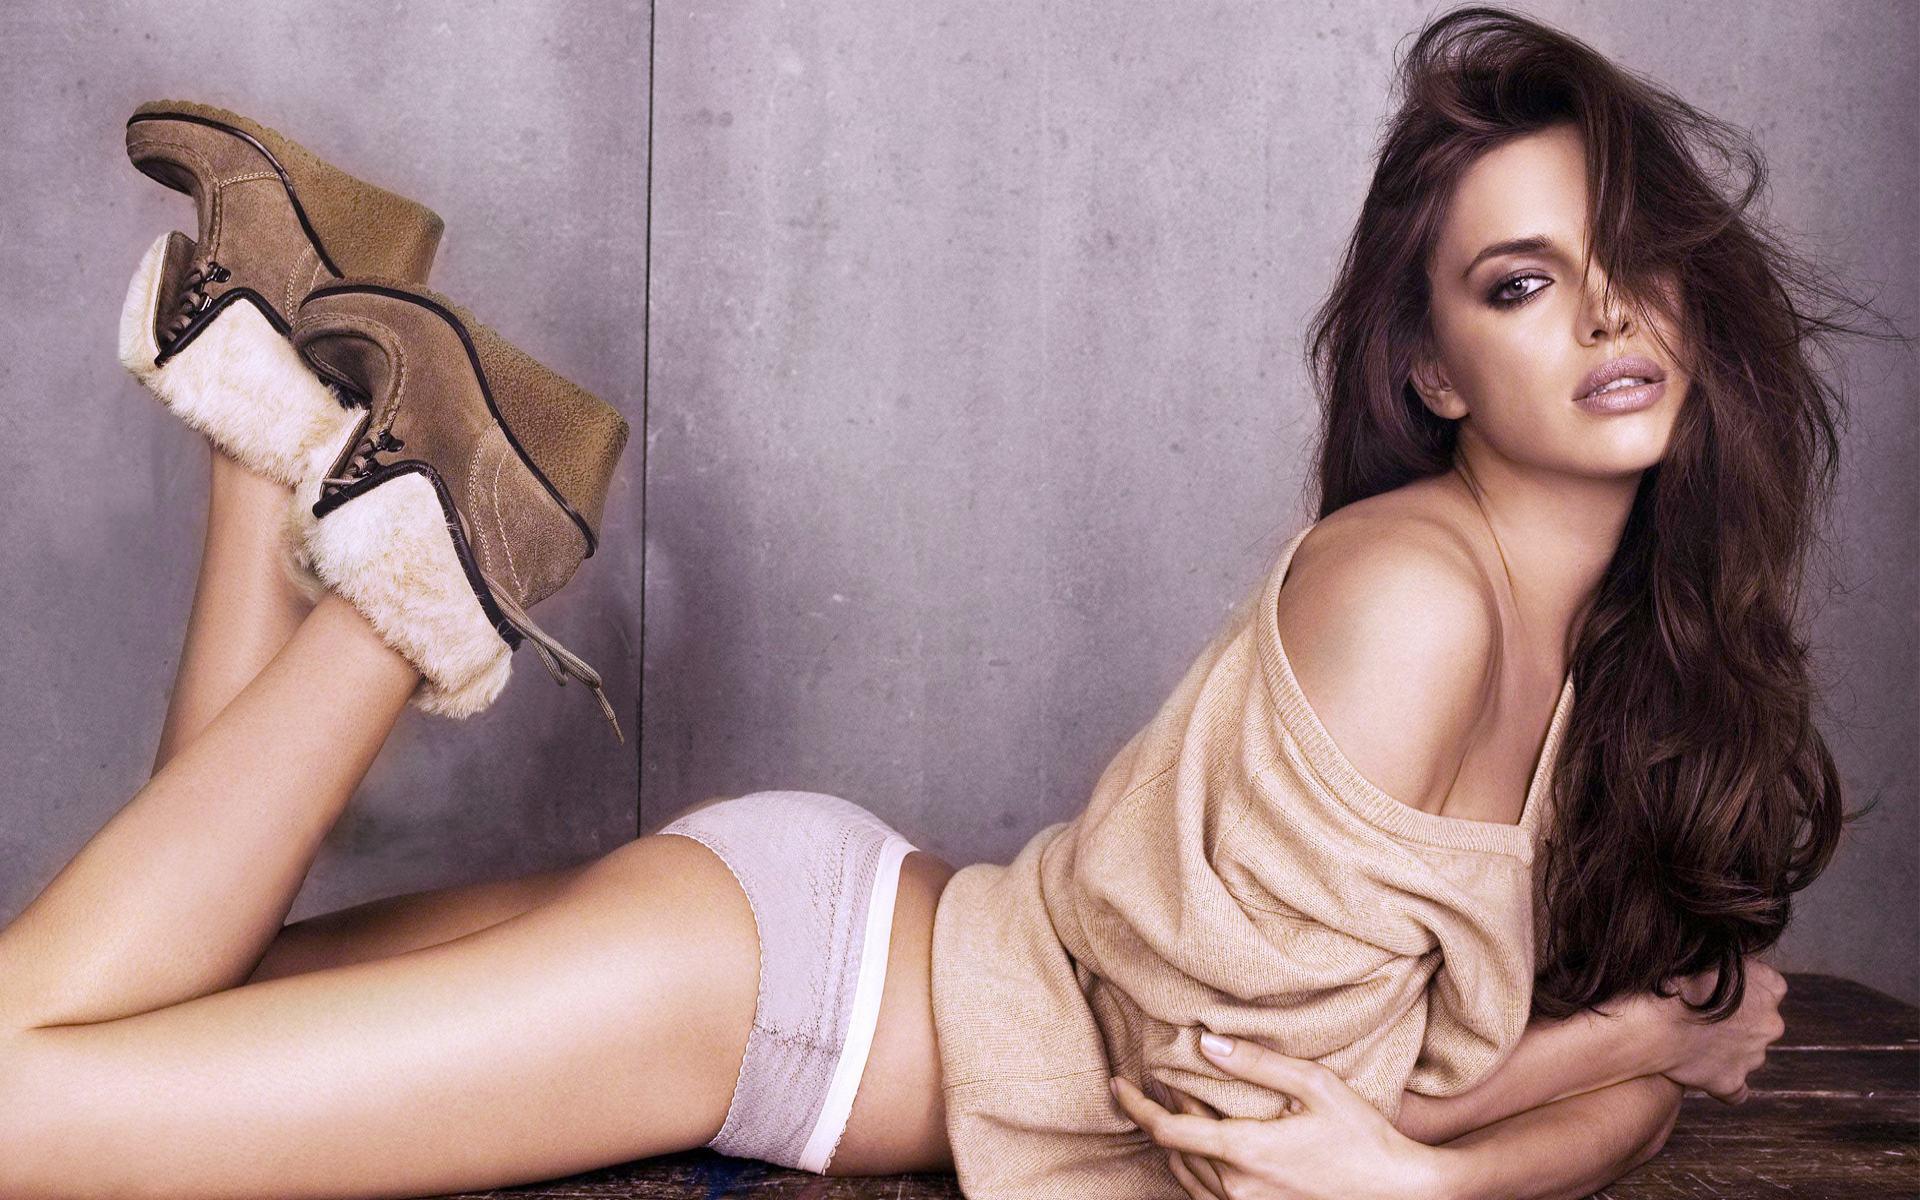 Самая красивая женщина в сексе